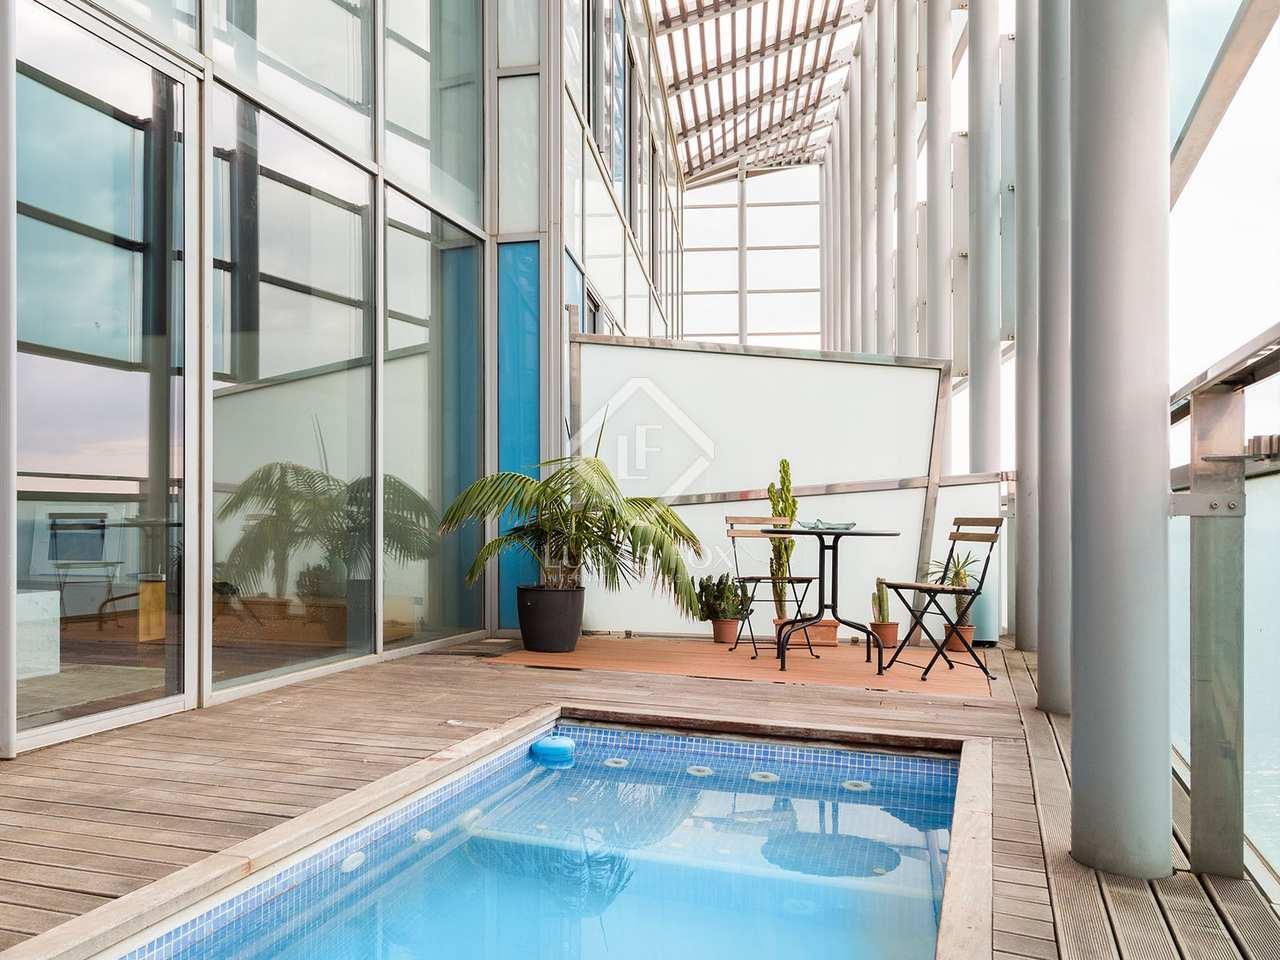 Tico en venta en diagonal mar barcelona - Atico duplex barcelona ...